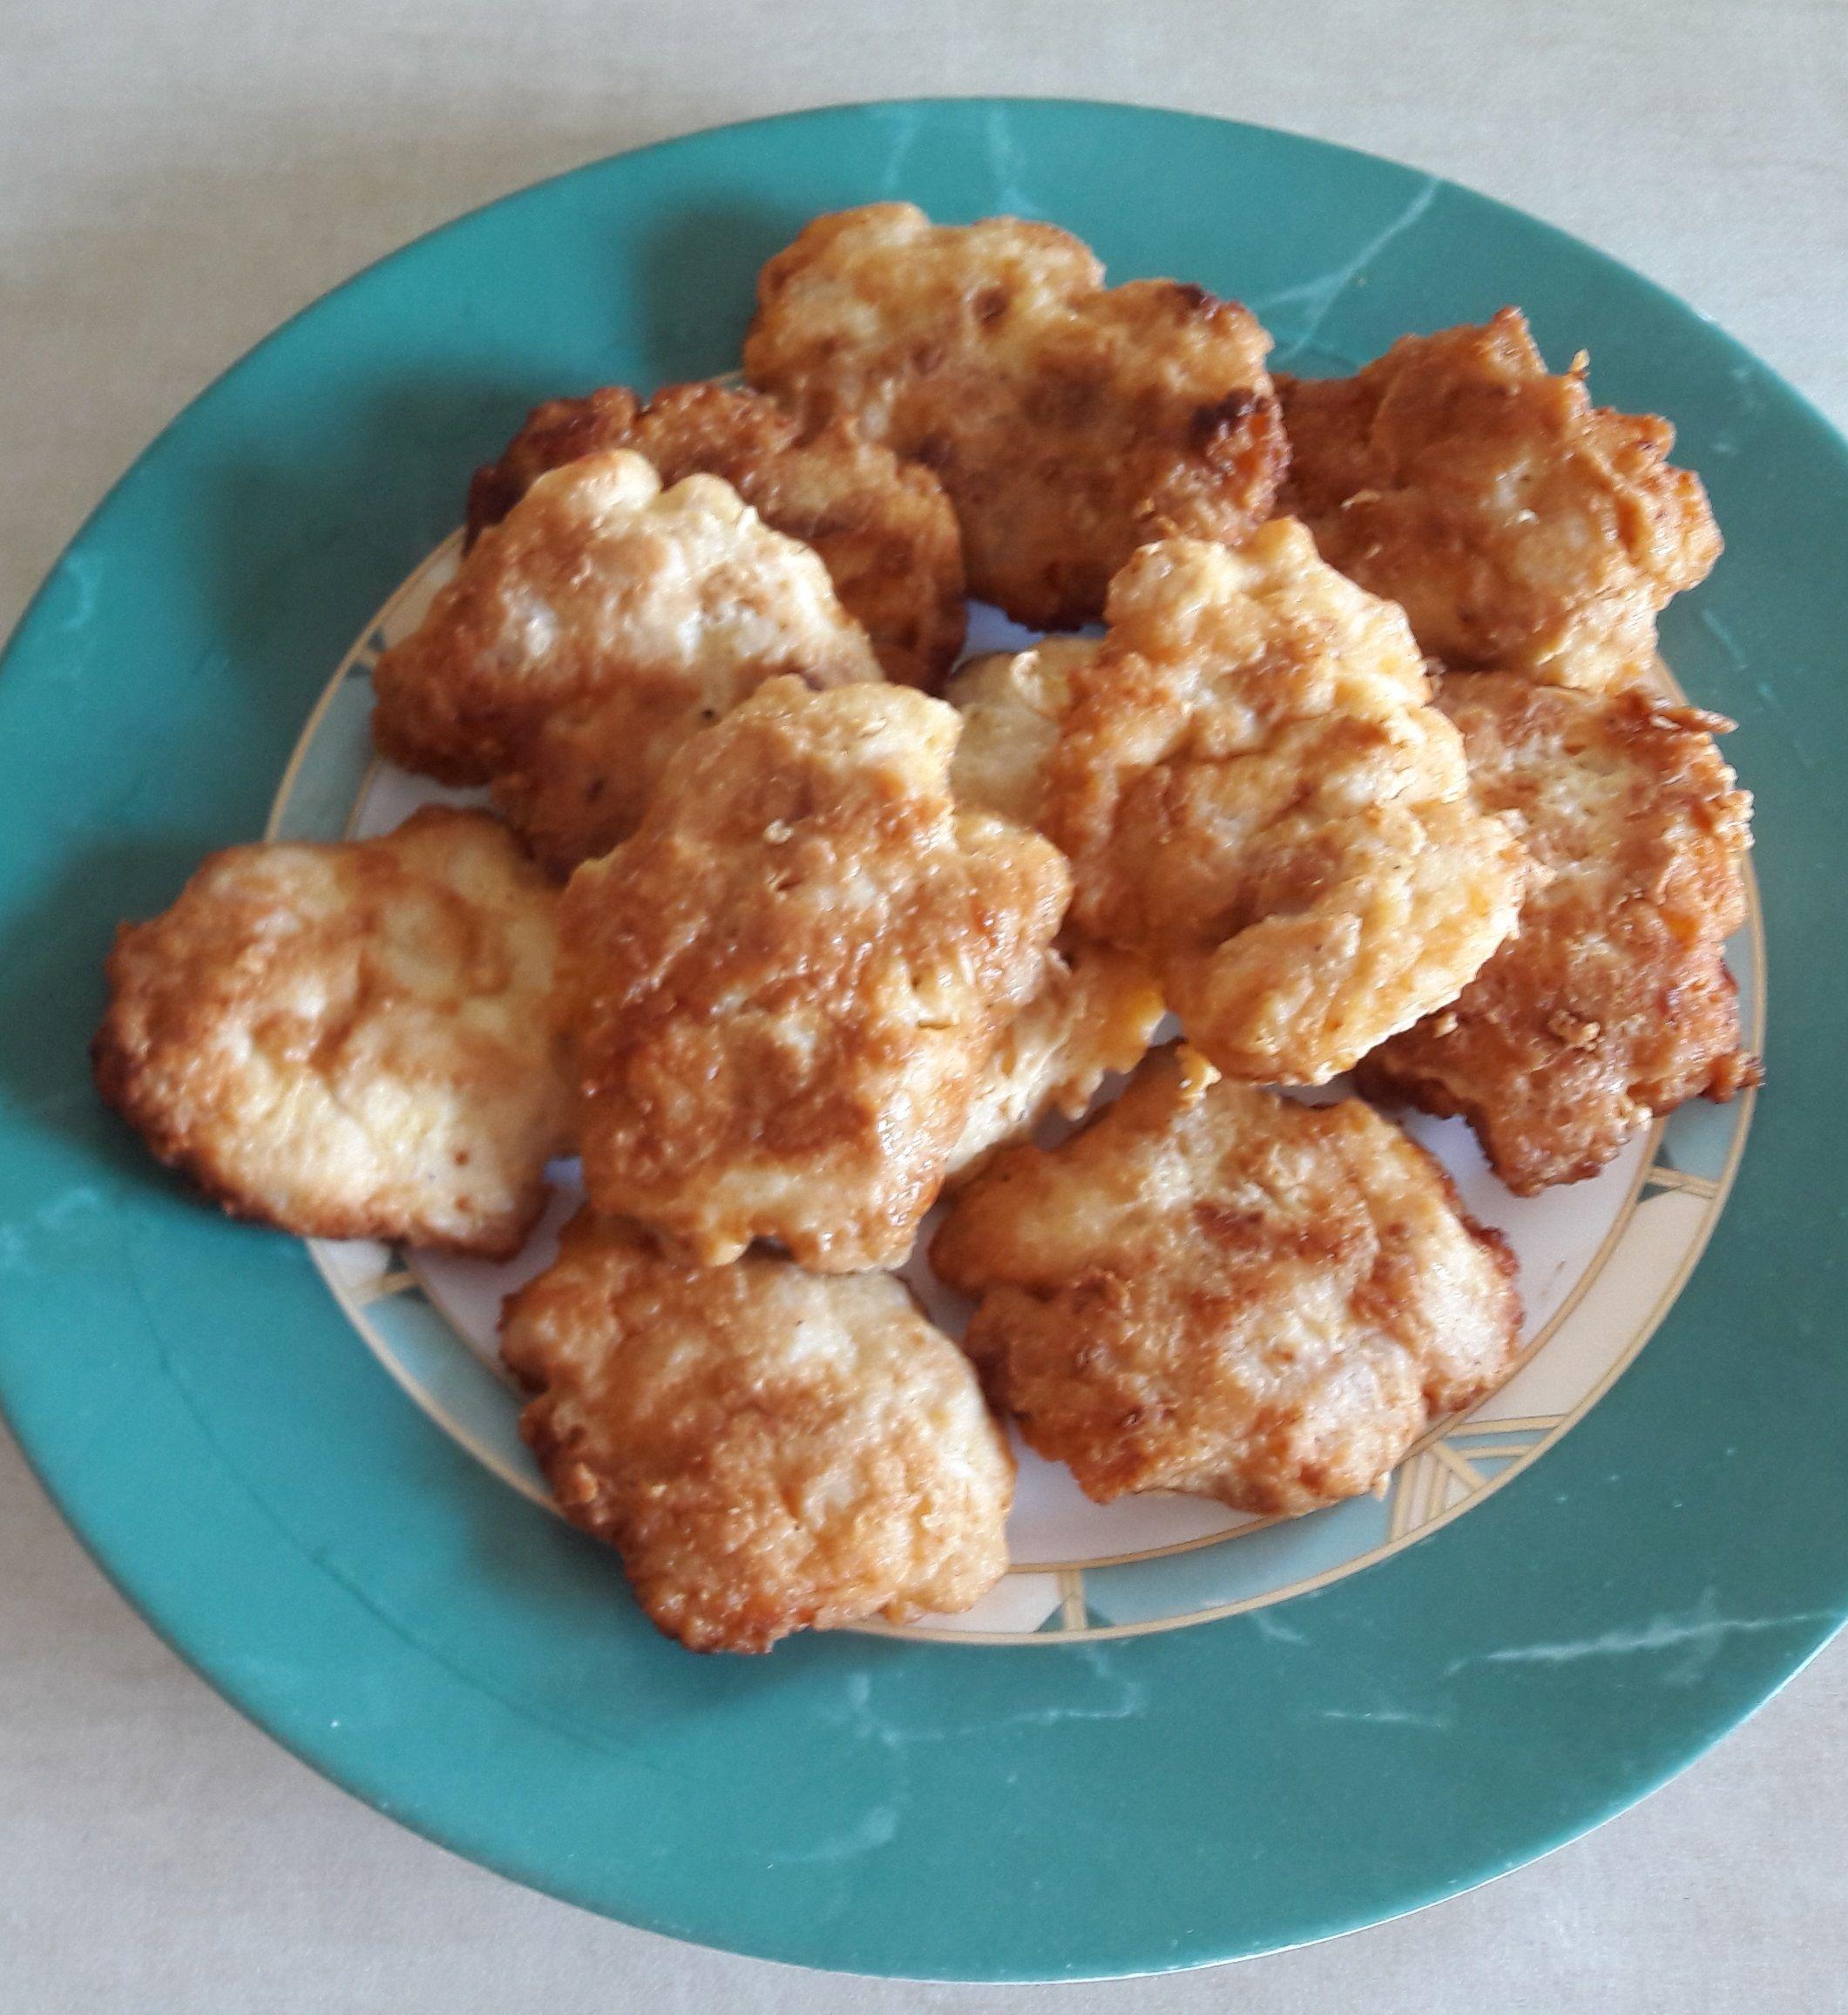 Kotleciki z kurczaka pod pierzynką Delikatne kotleciki z piersi kurczaka. Banalny kurczak, niebanalne danie 😉 Zapraszam do wypróbowania.  #obiad #naobiad #daniazkurczaka #mięso #daniazkurczaka #kurczak #kotletyzkurczaka #kotletydrobiowe #kotletyzfileta #przepisykulinarne #pasibrzuszek #blogkulinarny #blogerkulinarny